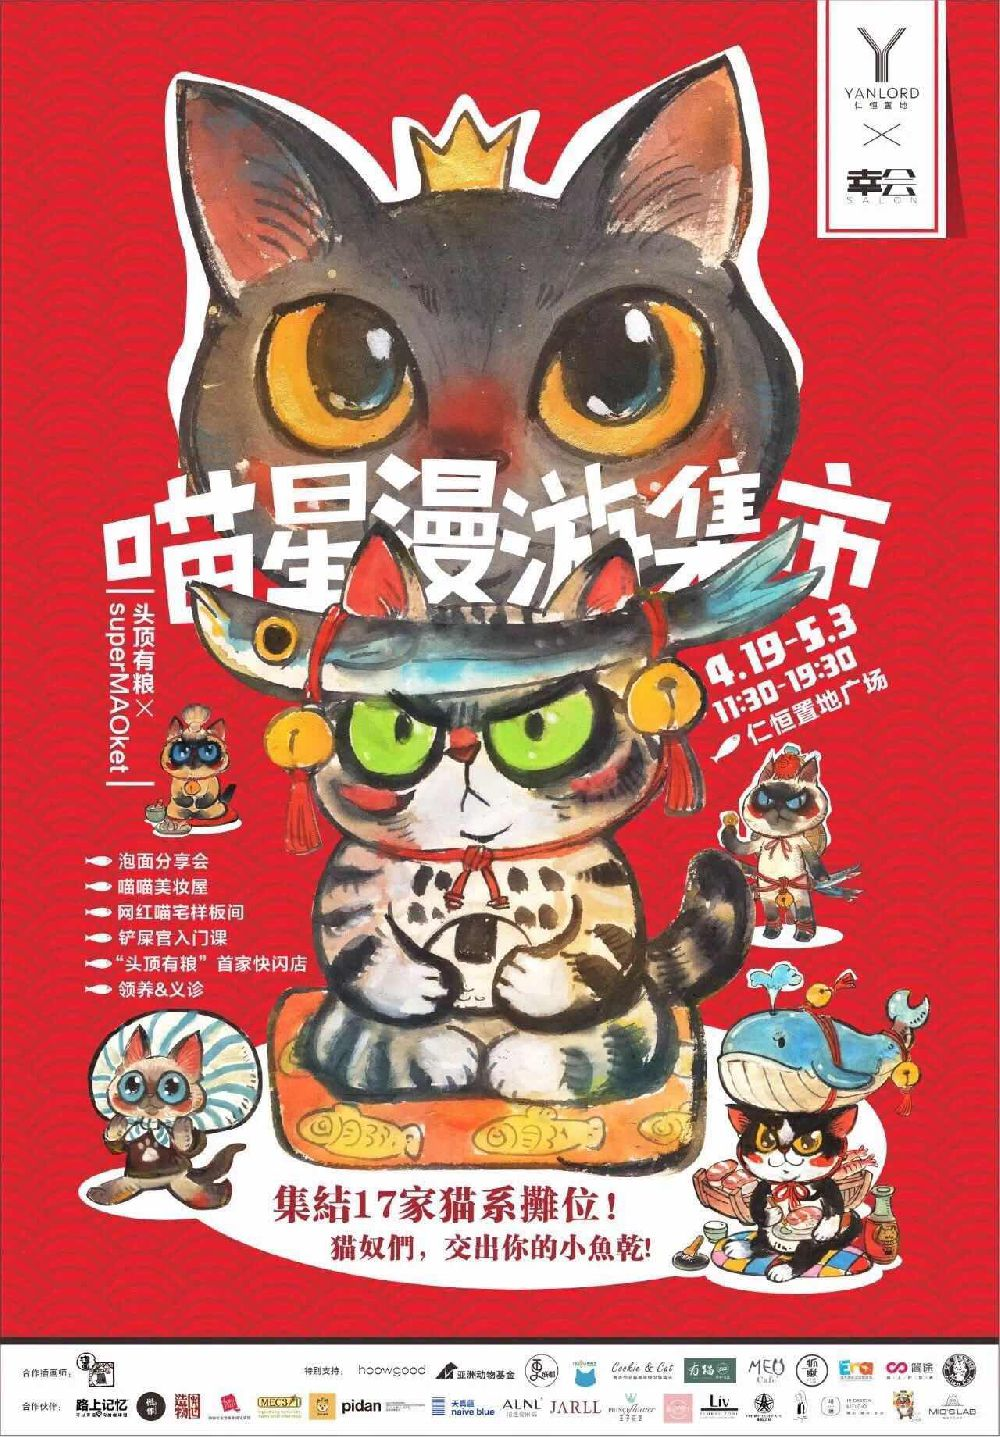 2019成都五一喵星漫游集市有什么好玩的